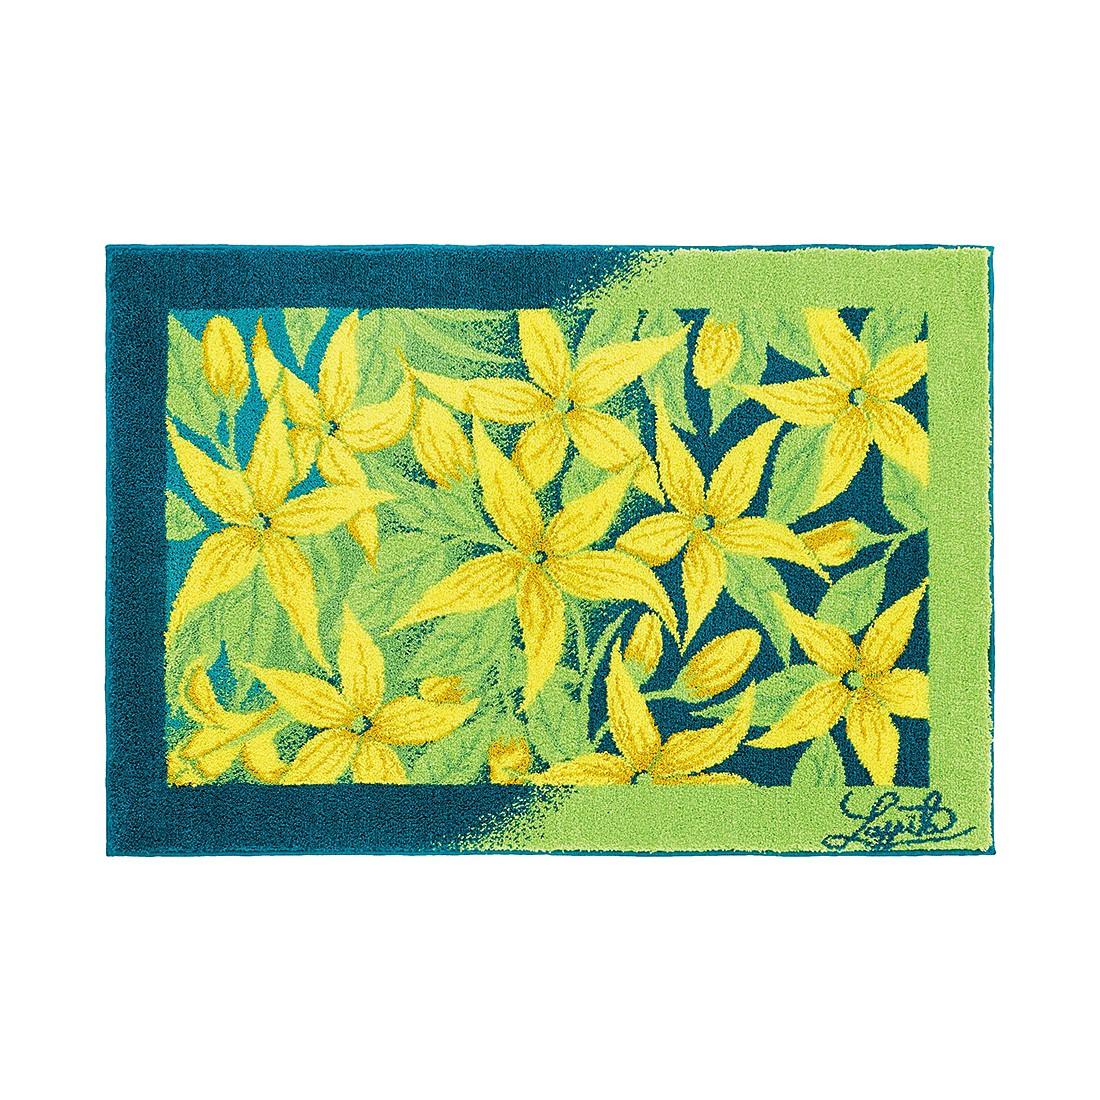 Badteppich Jasmin – 90 x 135 cm – Grün / Blau, Grund günstig kaufen